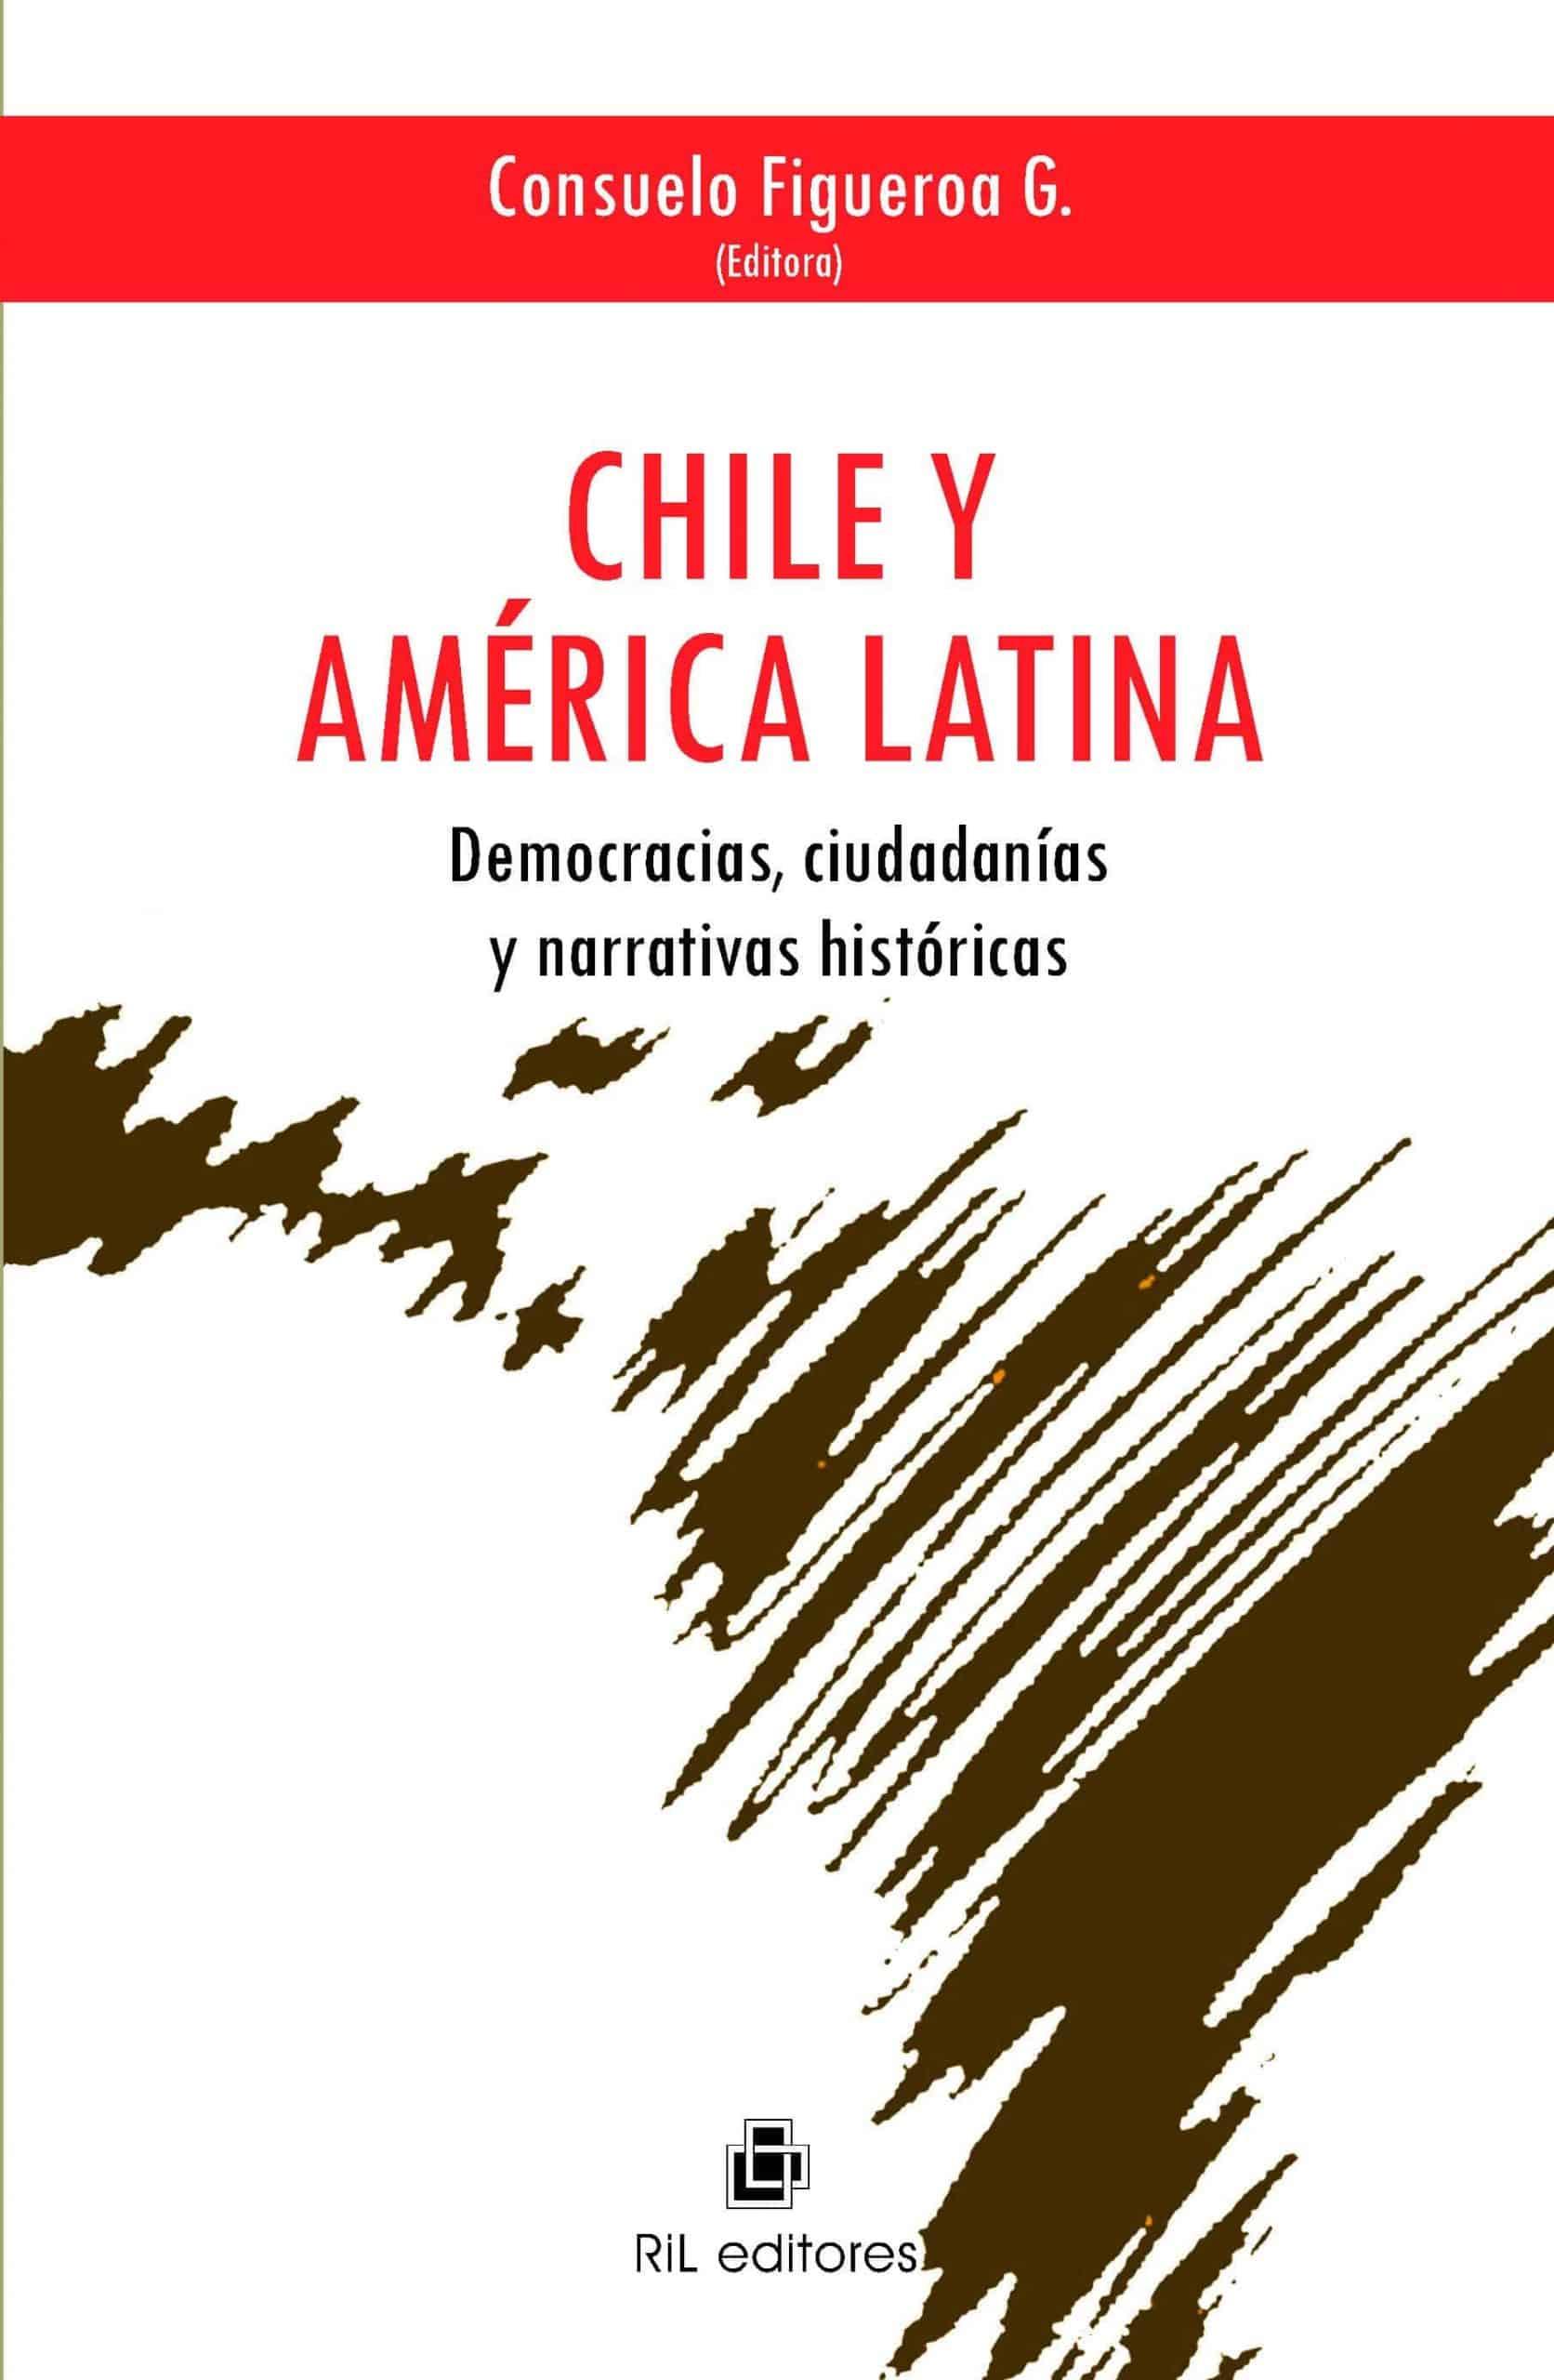 Chile y América Latina: democracias, ciudadanías y narrativas históricas 1